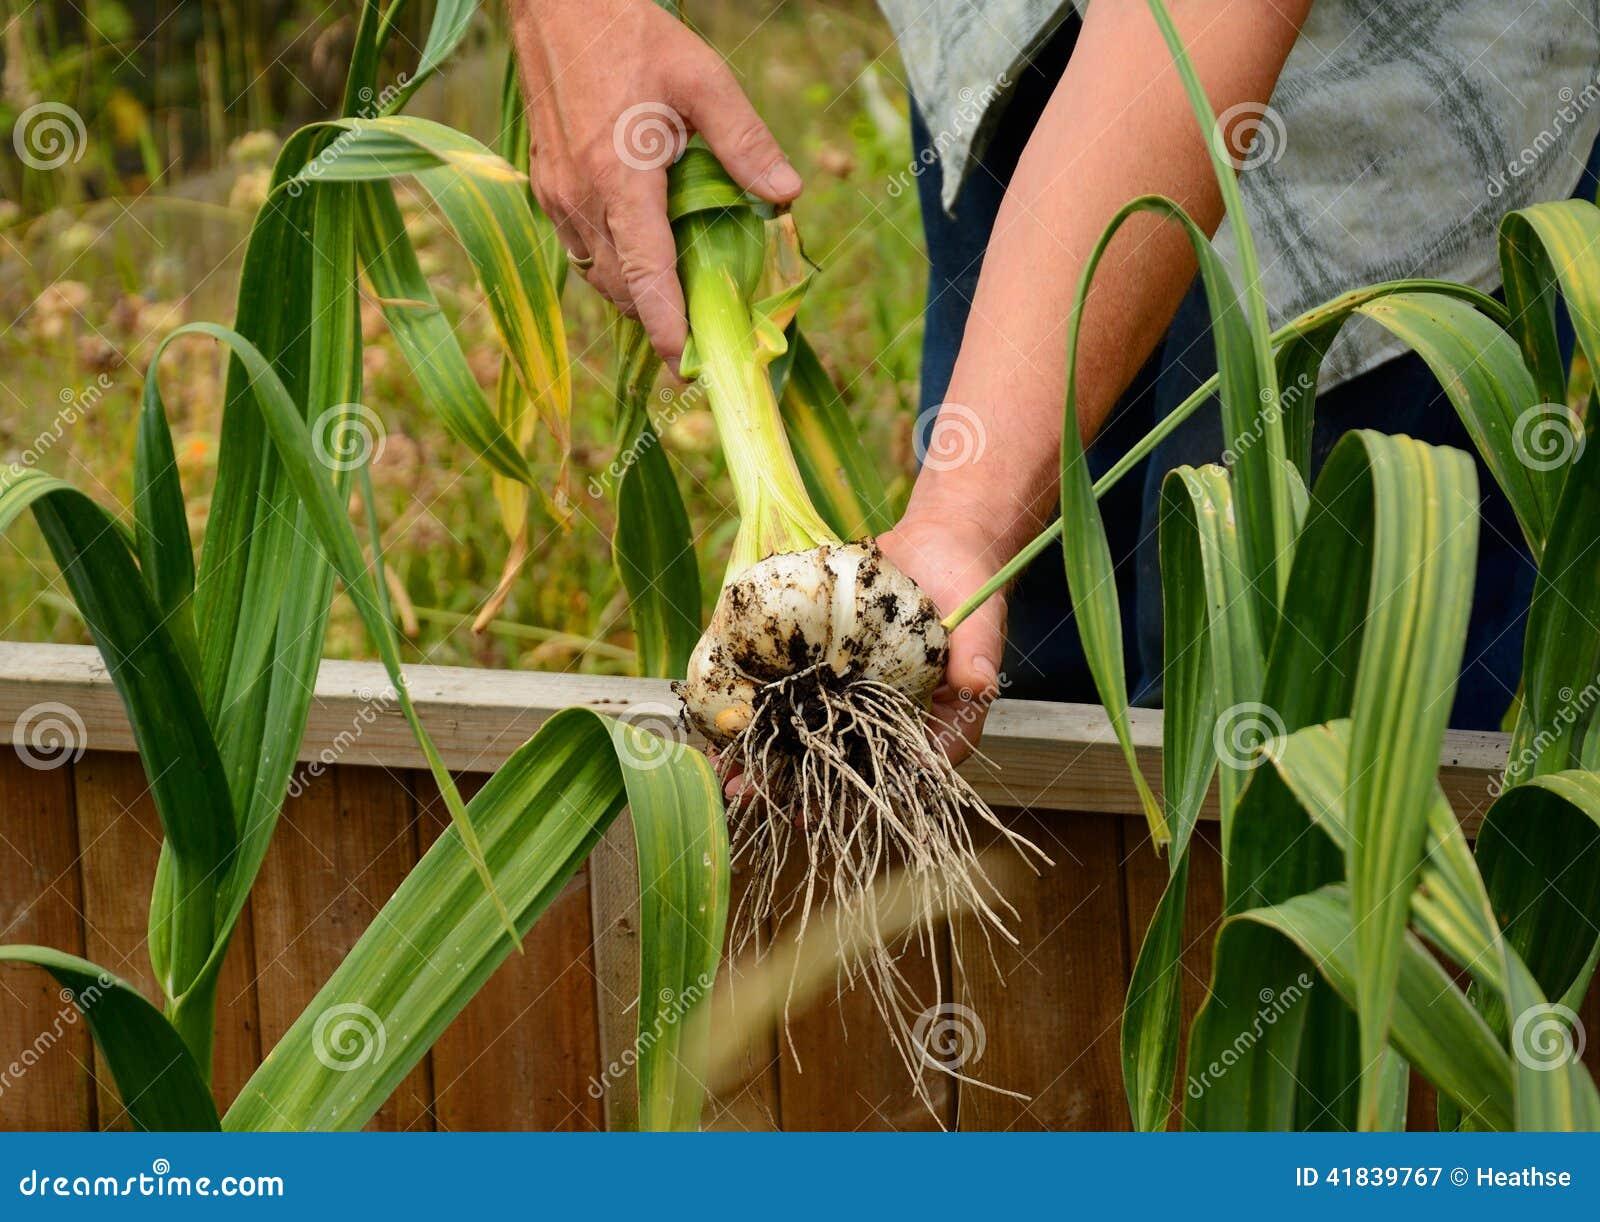 Giant (elephant) garlic